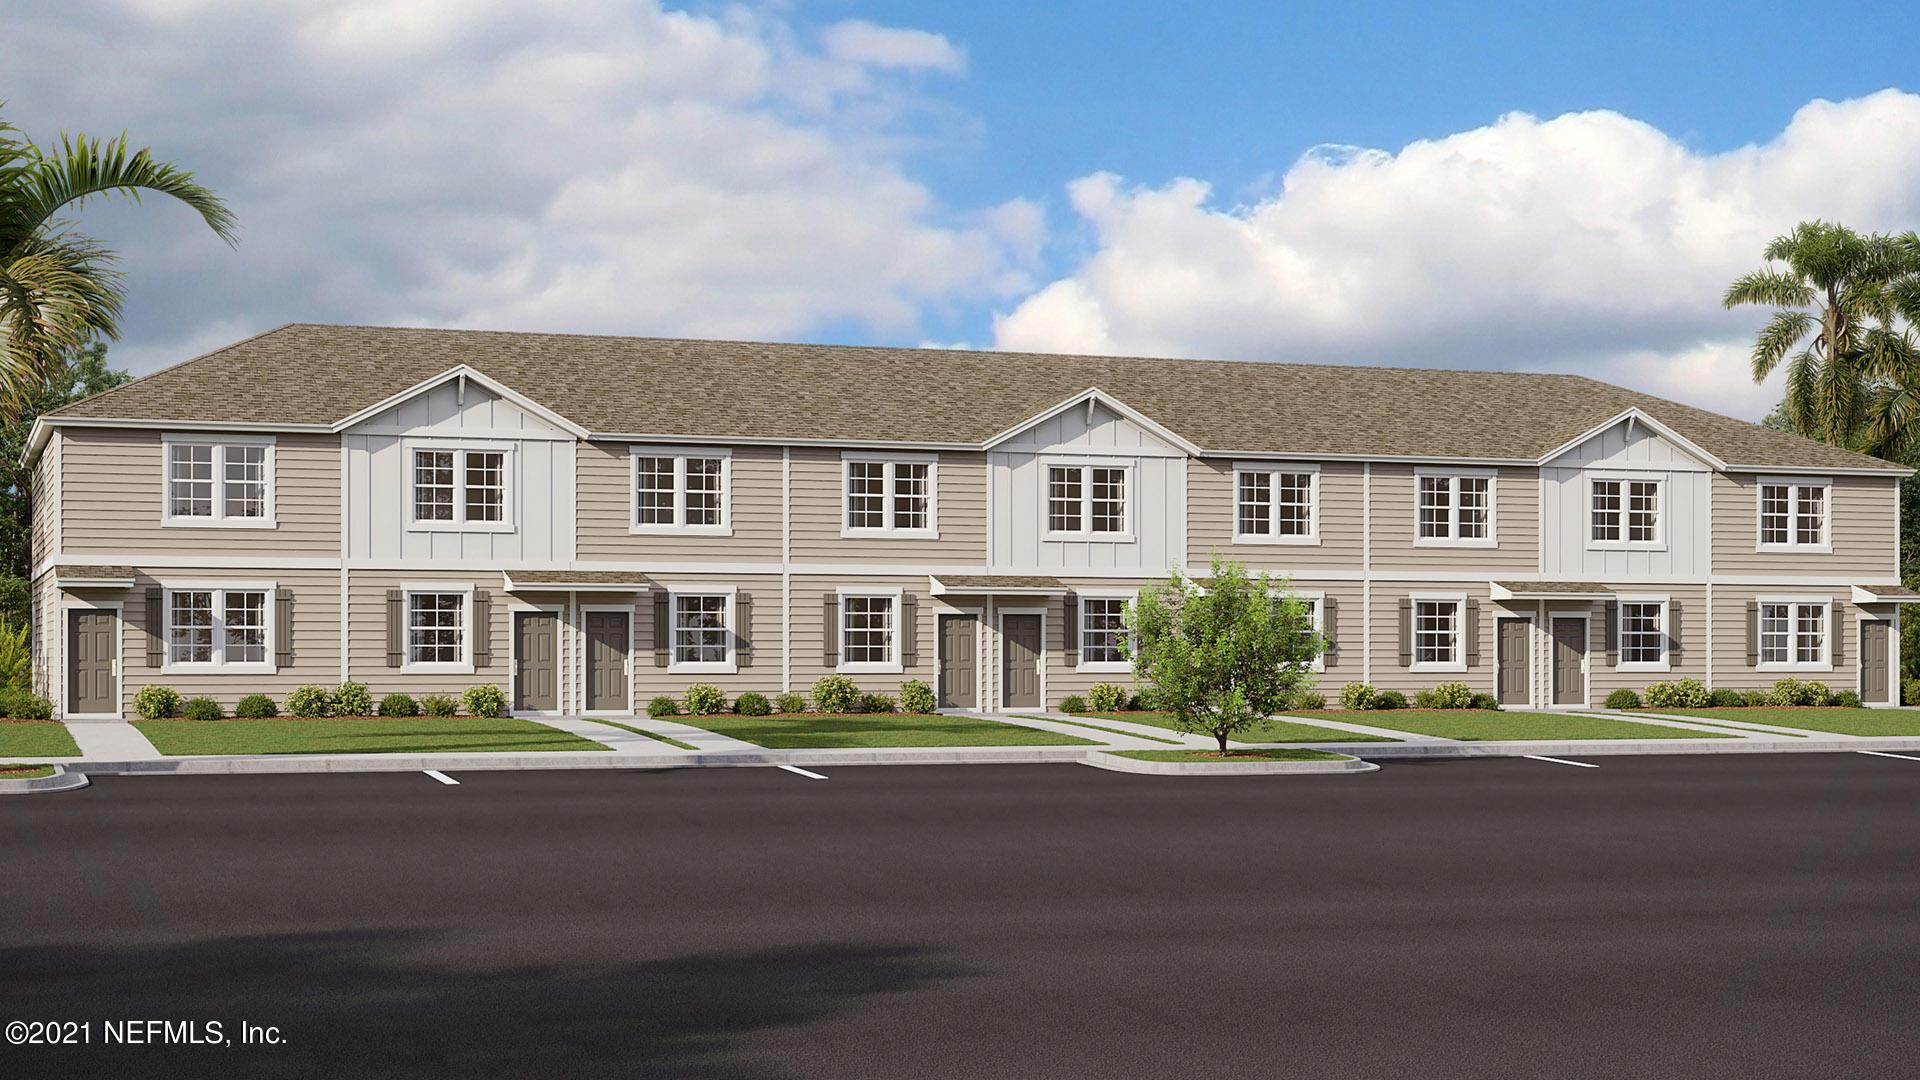 575 OAKLEAF PLANTATION, ORANGE PARK, FLORIDA 32065, 2 Bedrooms Bedrooms, ,2 BathroomsBathrooms,Residential,For sale,OAKLEAF PLANTATION,1096076